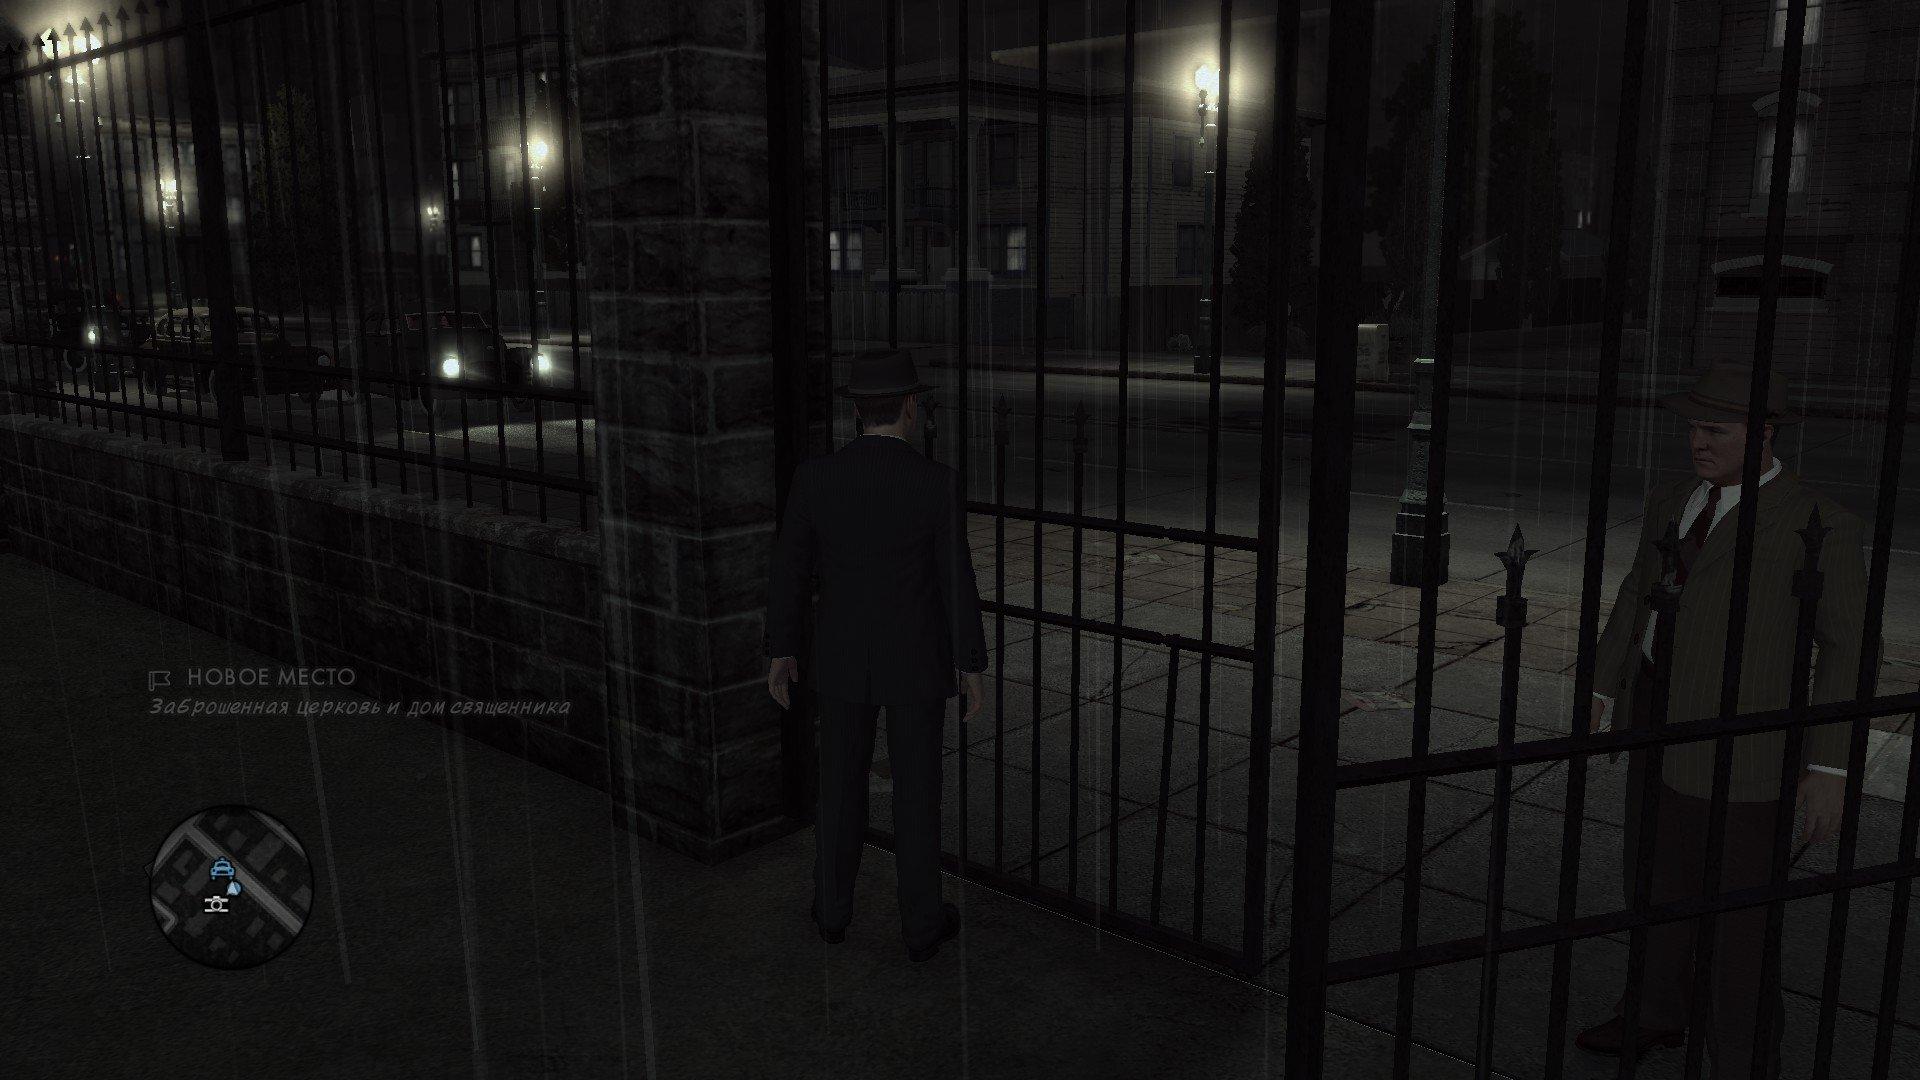 Пост-прохождение L.A. Noire Часть 13 - Изображение 49